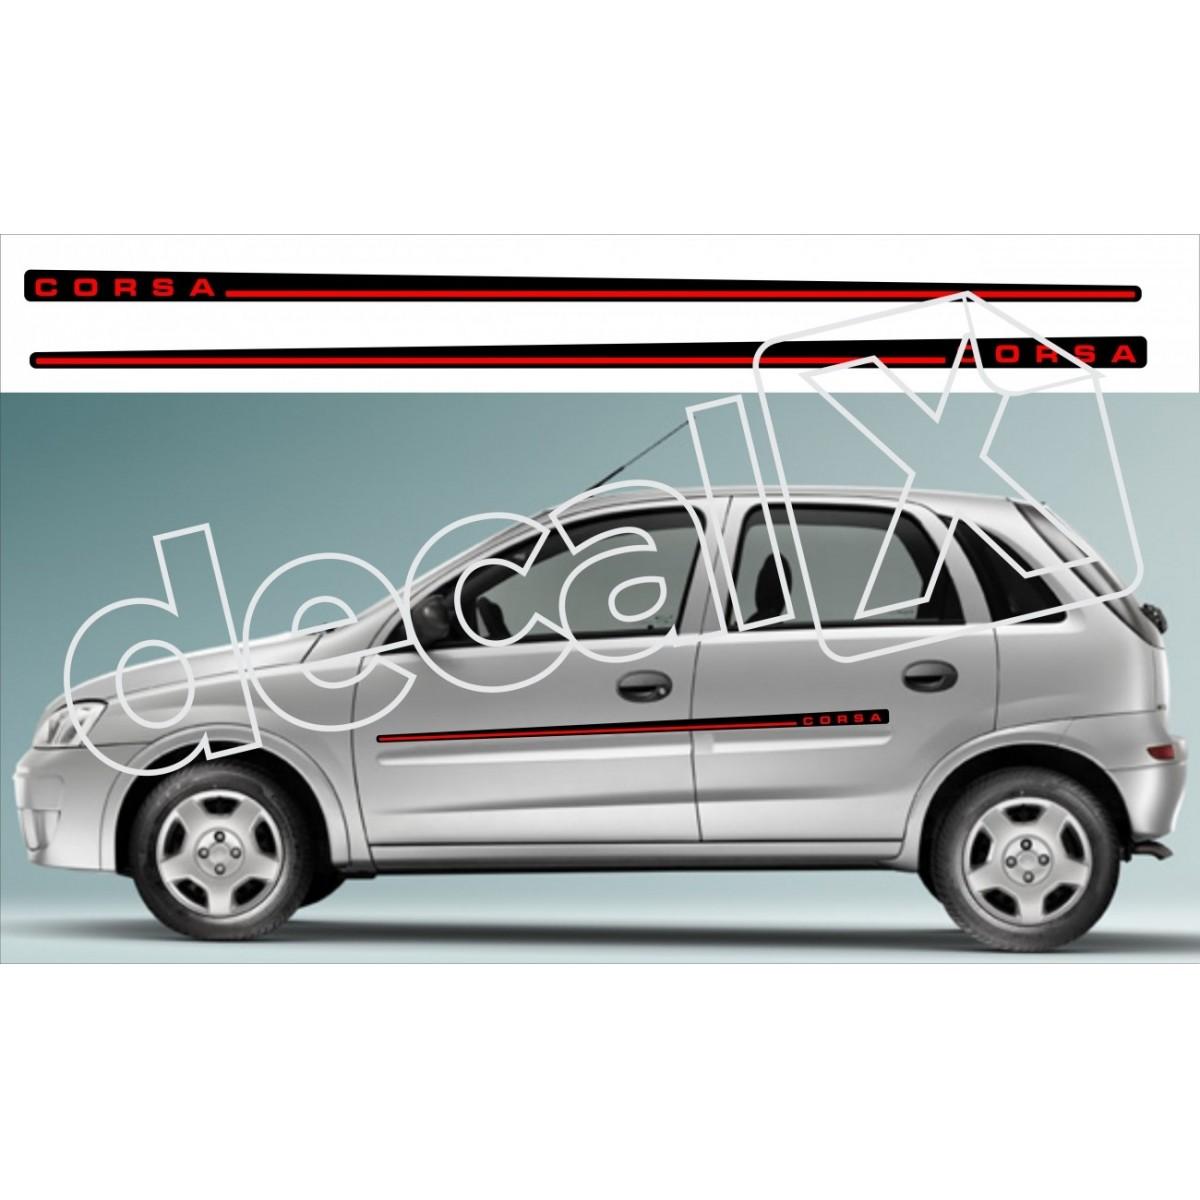 Adesivo Chevrolet Corsa Faixa Lateral 3m Cm1002